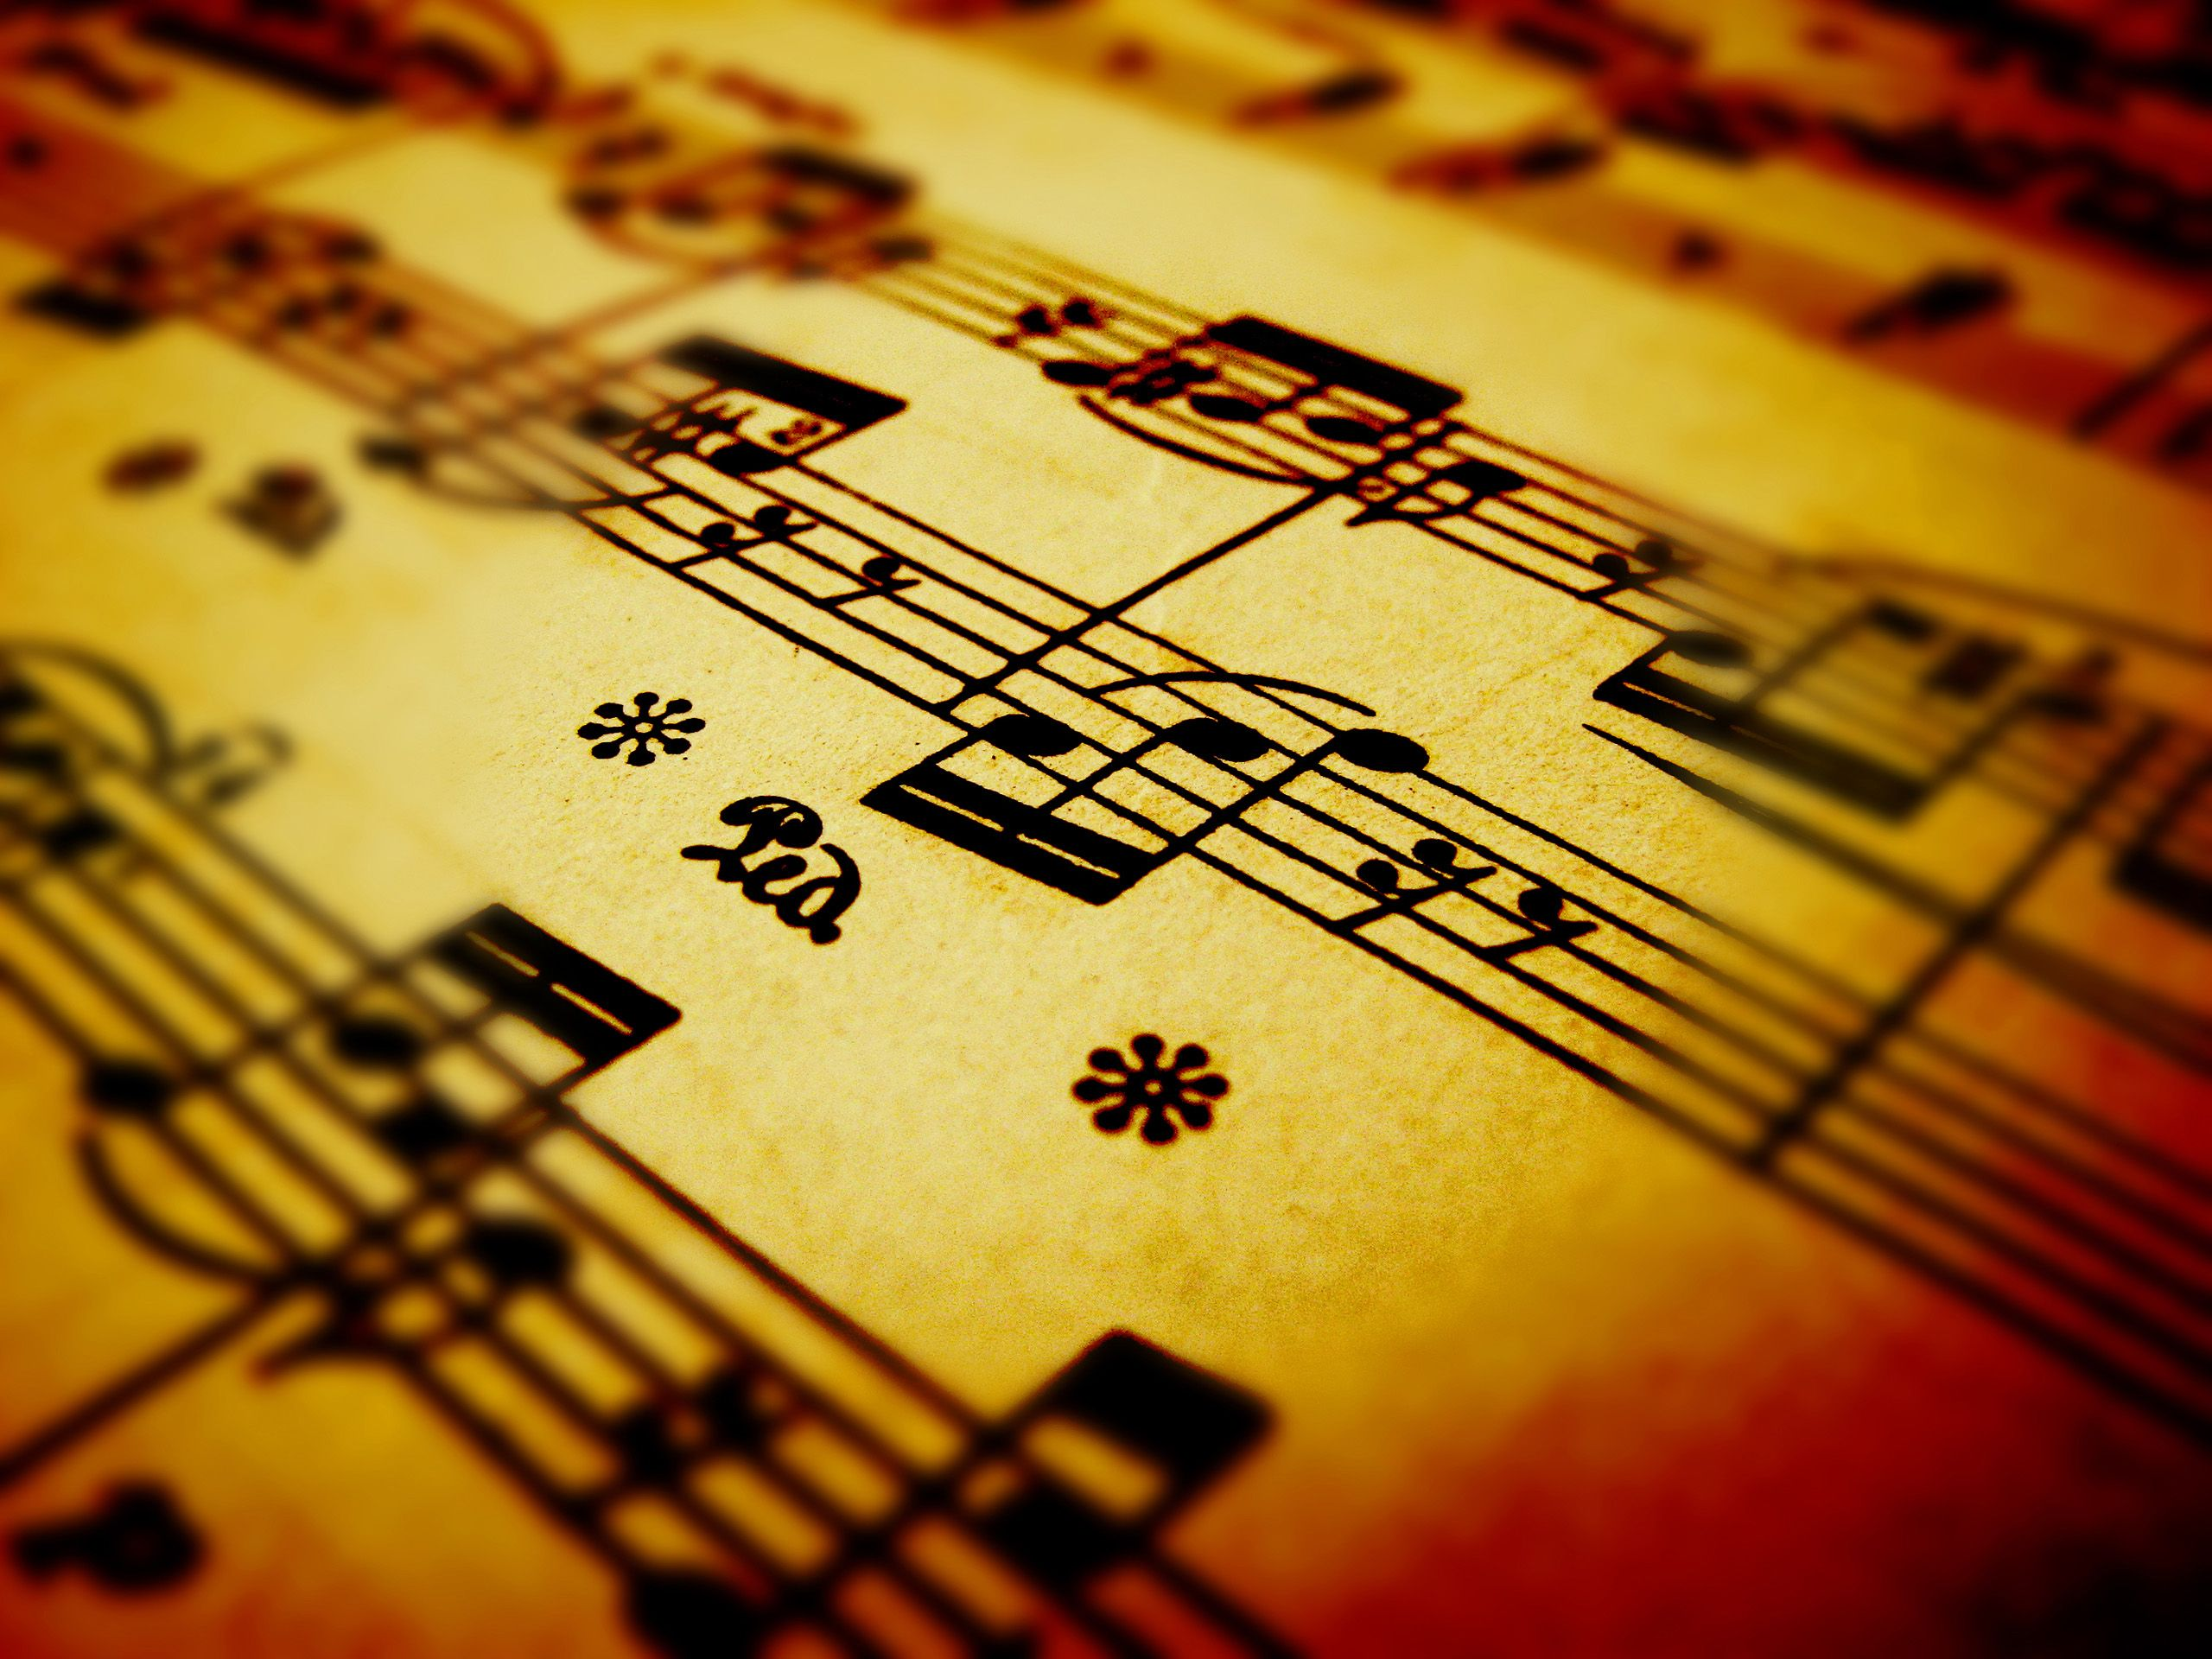 Fond D Ecran Gratuit Musique Papier Peint Note De Musique Fond Ecran Gratuit